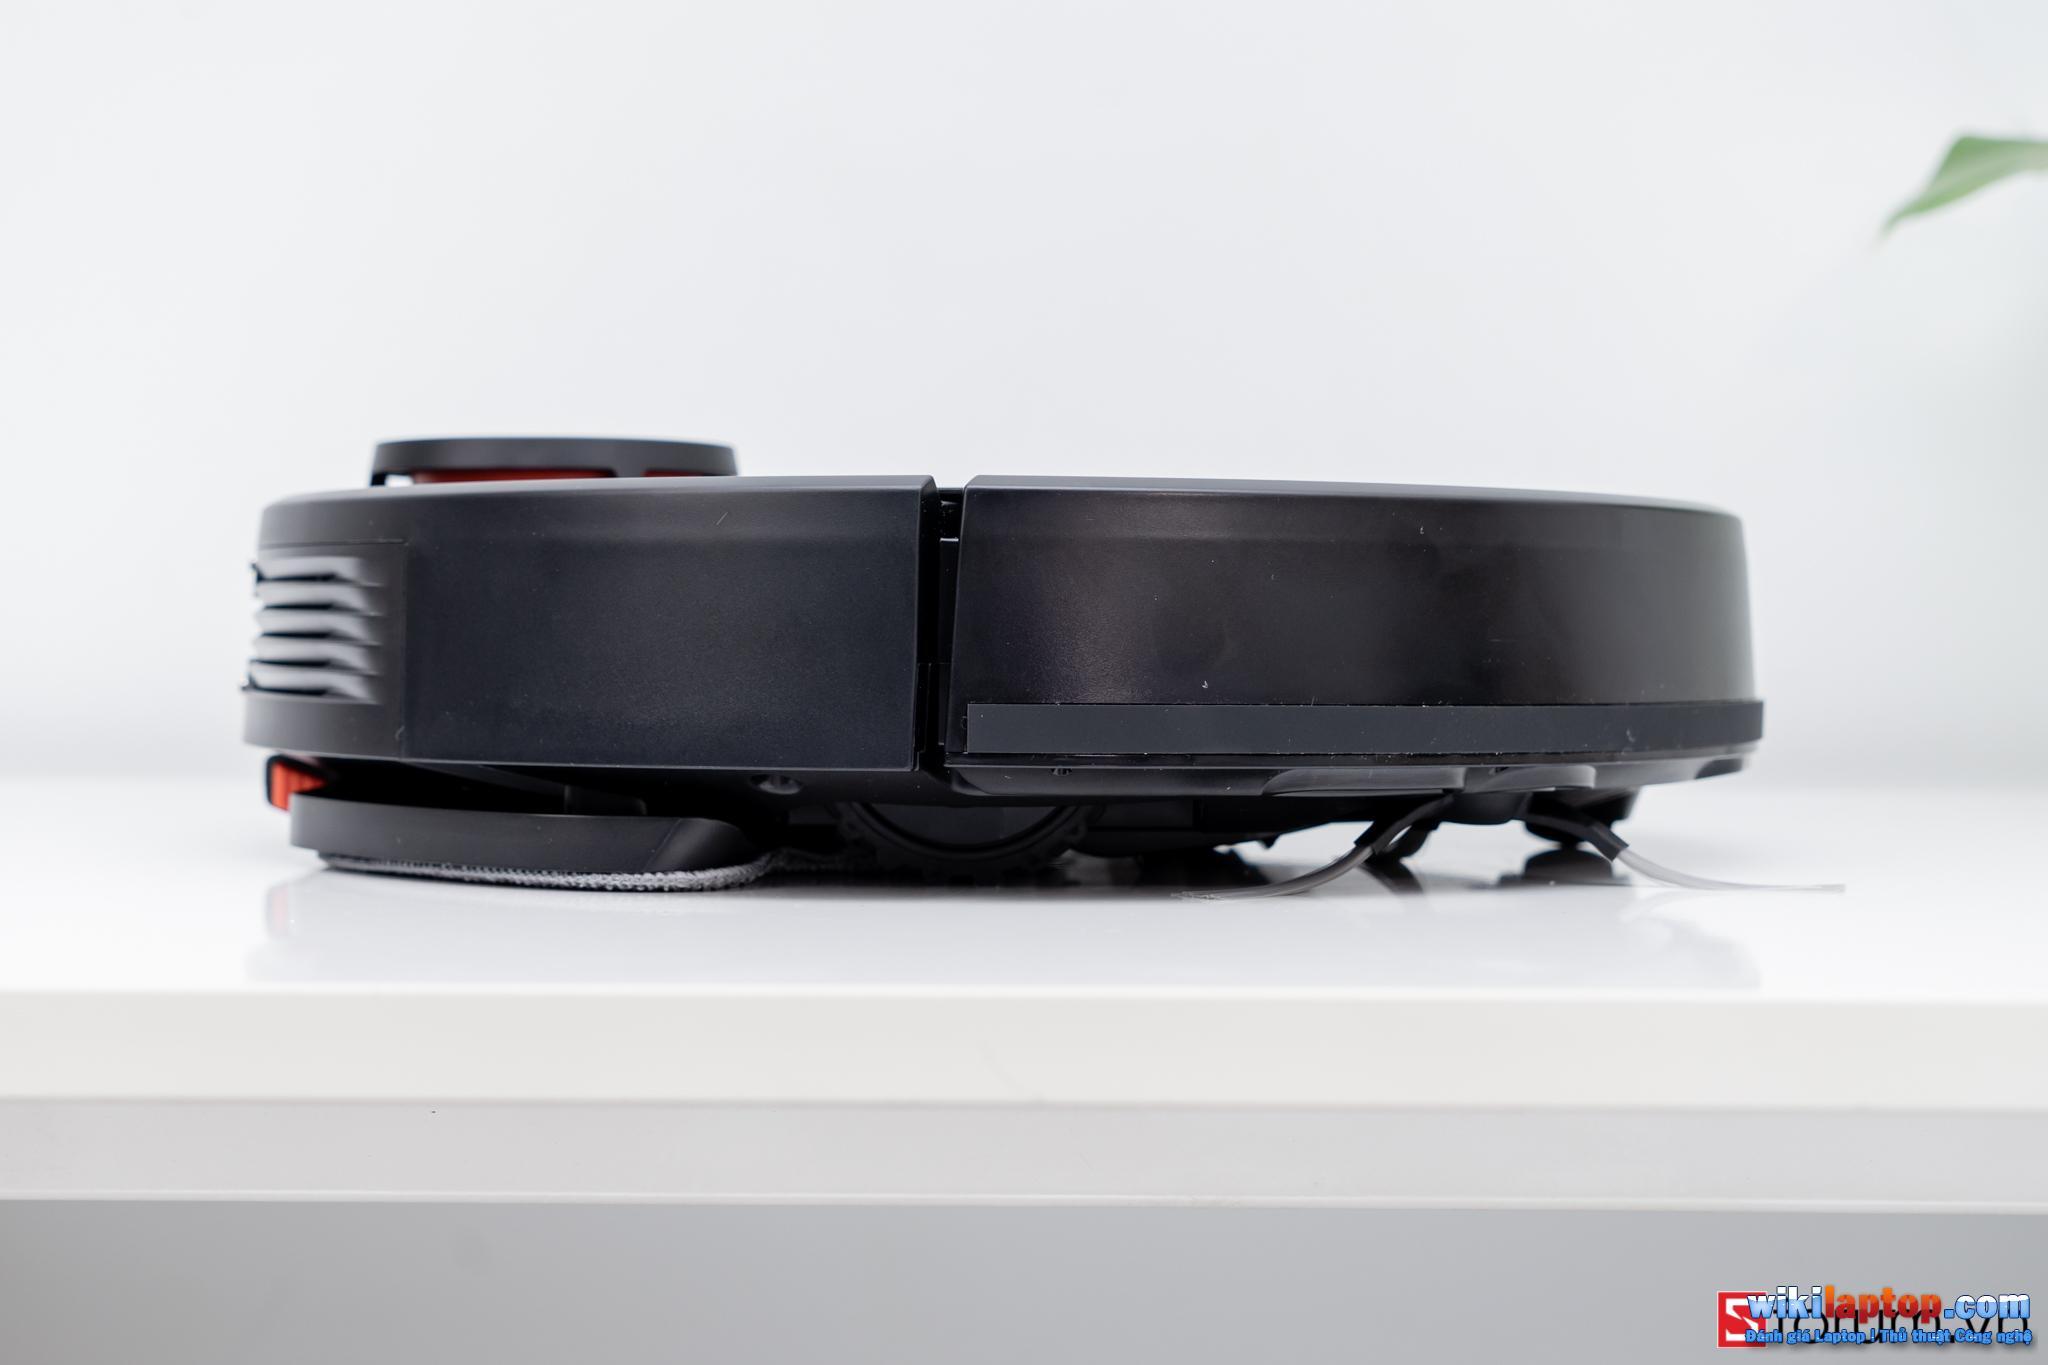 Sforum - Trang thông tin công nghệ mới nhất Mi-Robot-Máy hút bụi Mop-P-33 Đánh giá Mi Robot Máy hút bụi P: Làm sạch, hút thông minh và nhiều tính năng